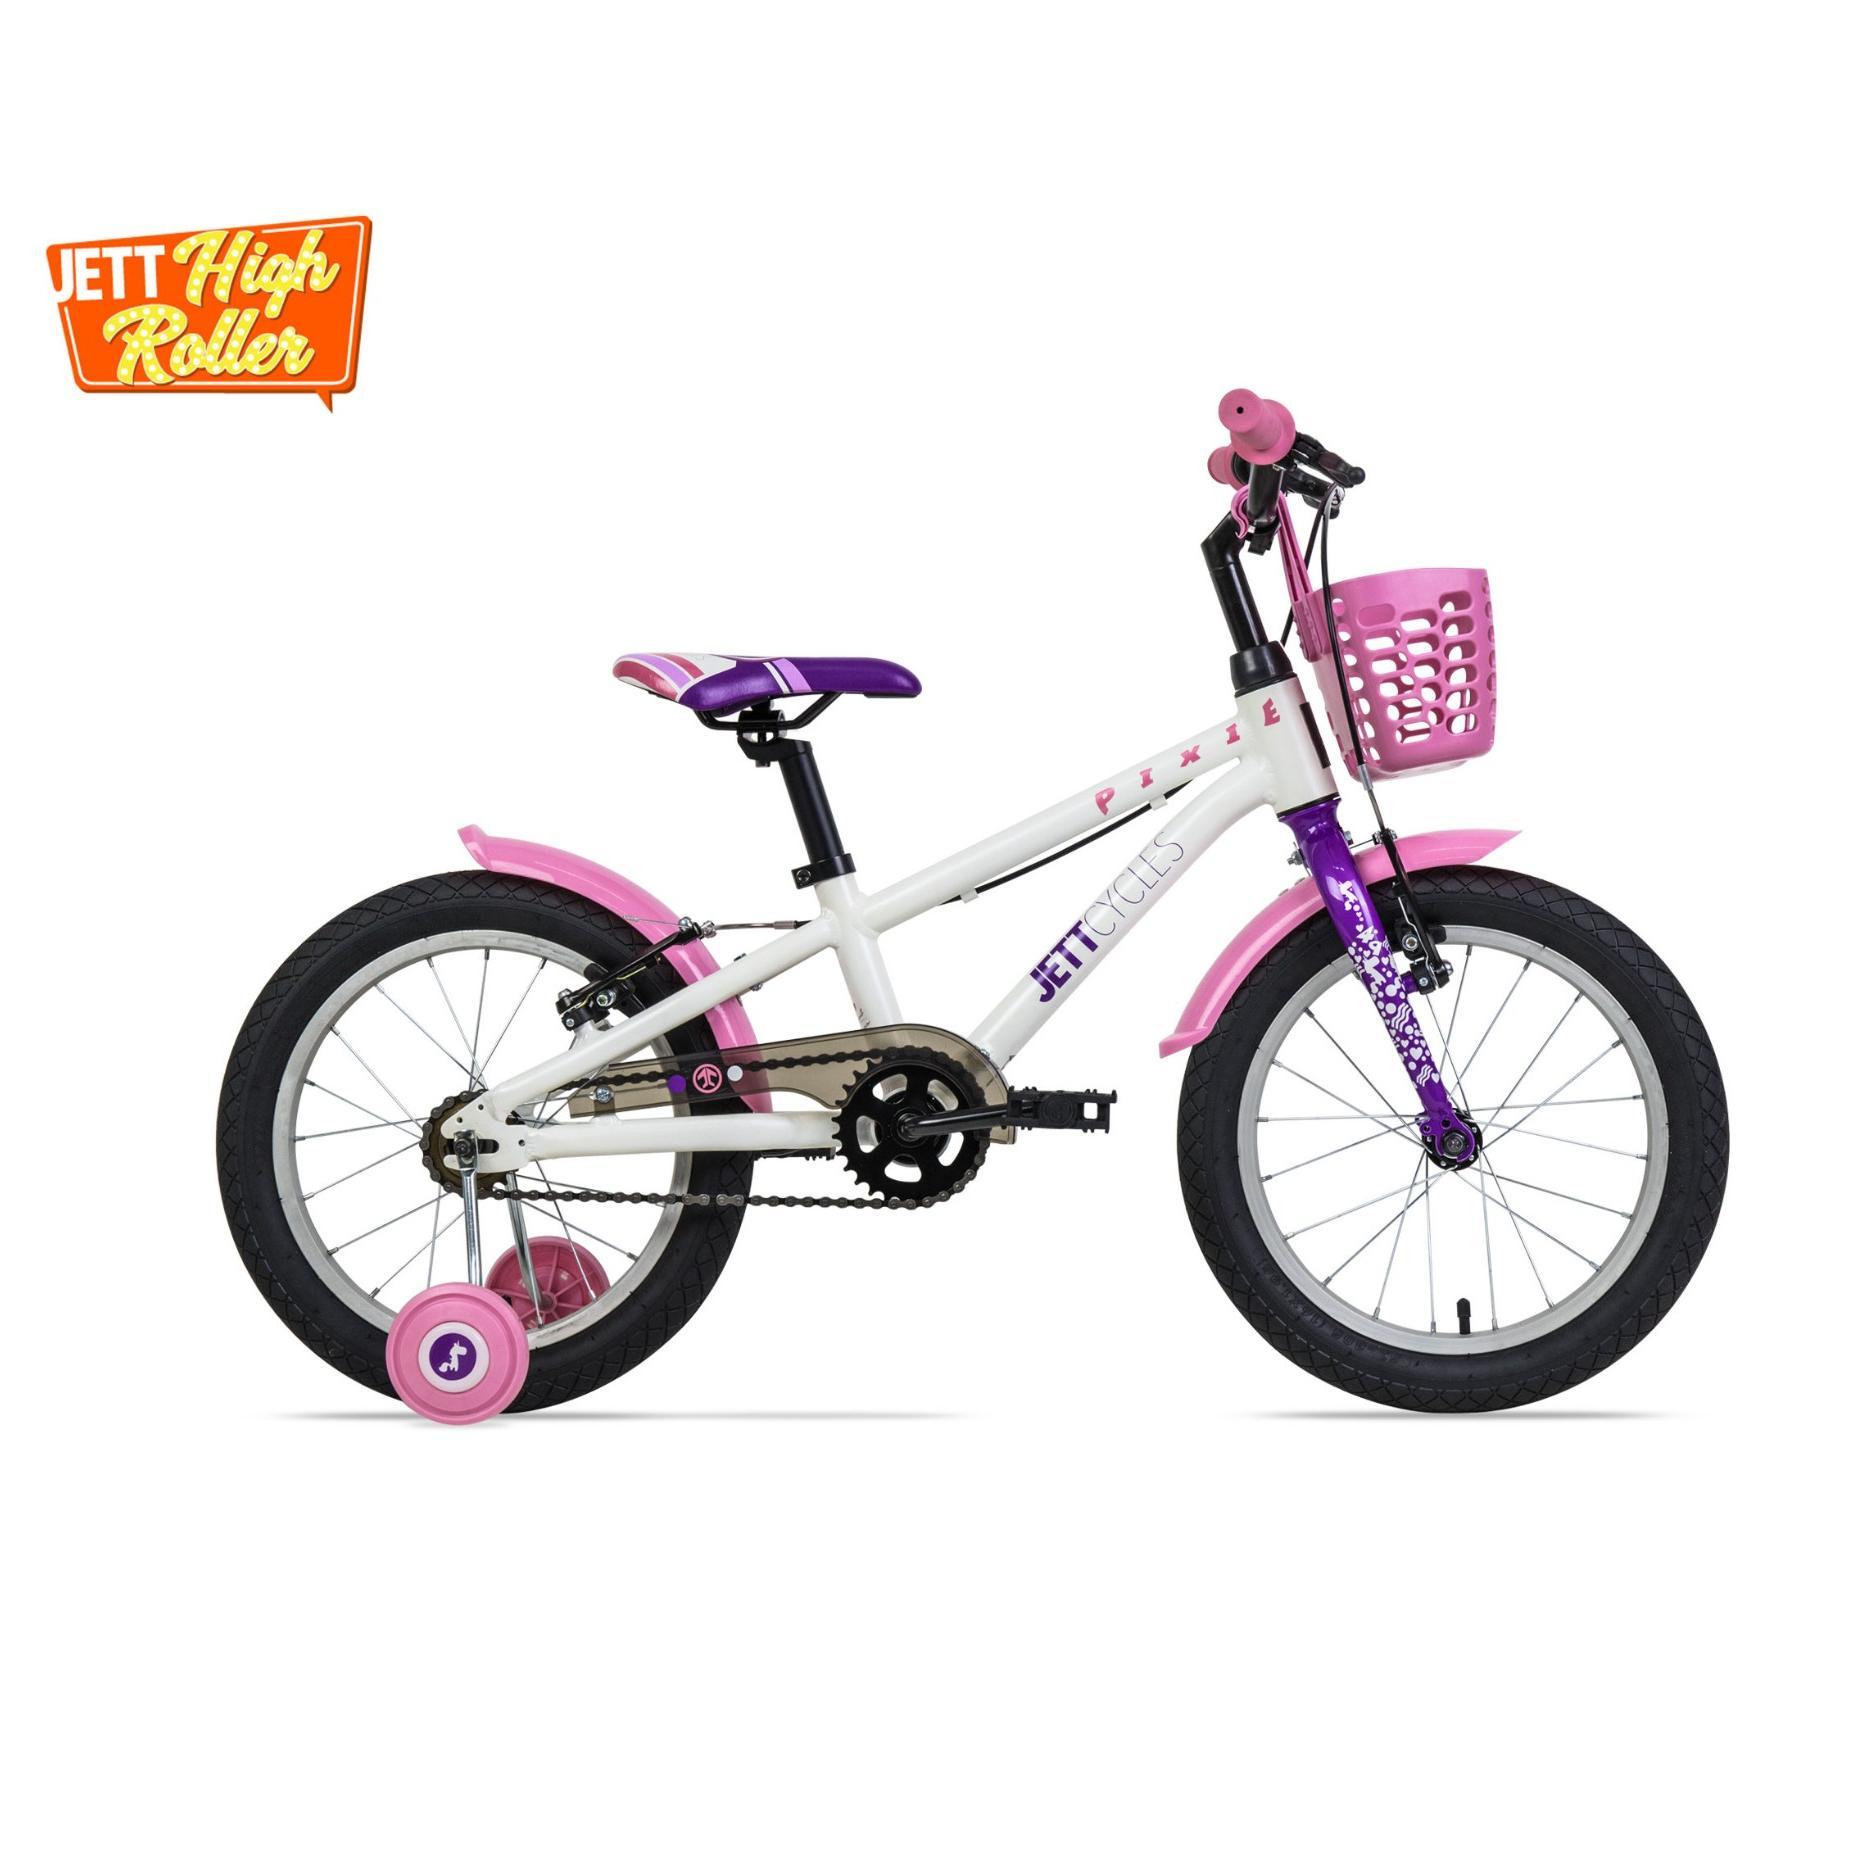 Giá bán Xe đạp trẻ em Jett Cycles Pixie (màu trắng)